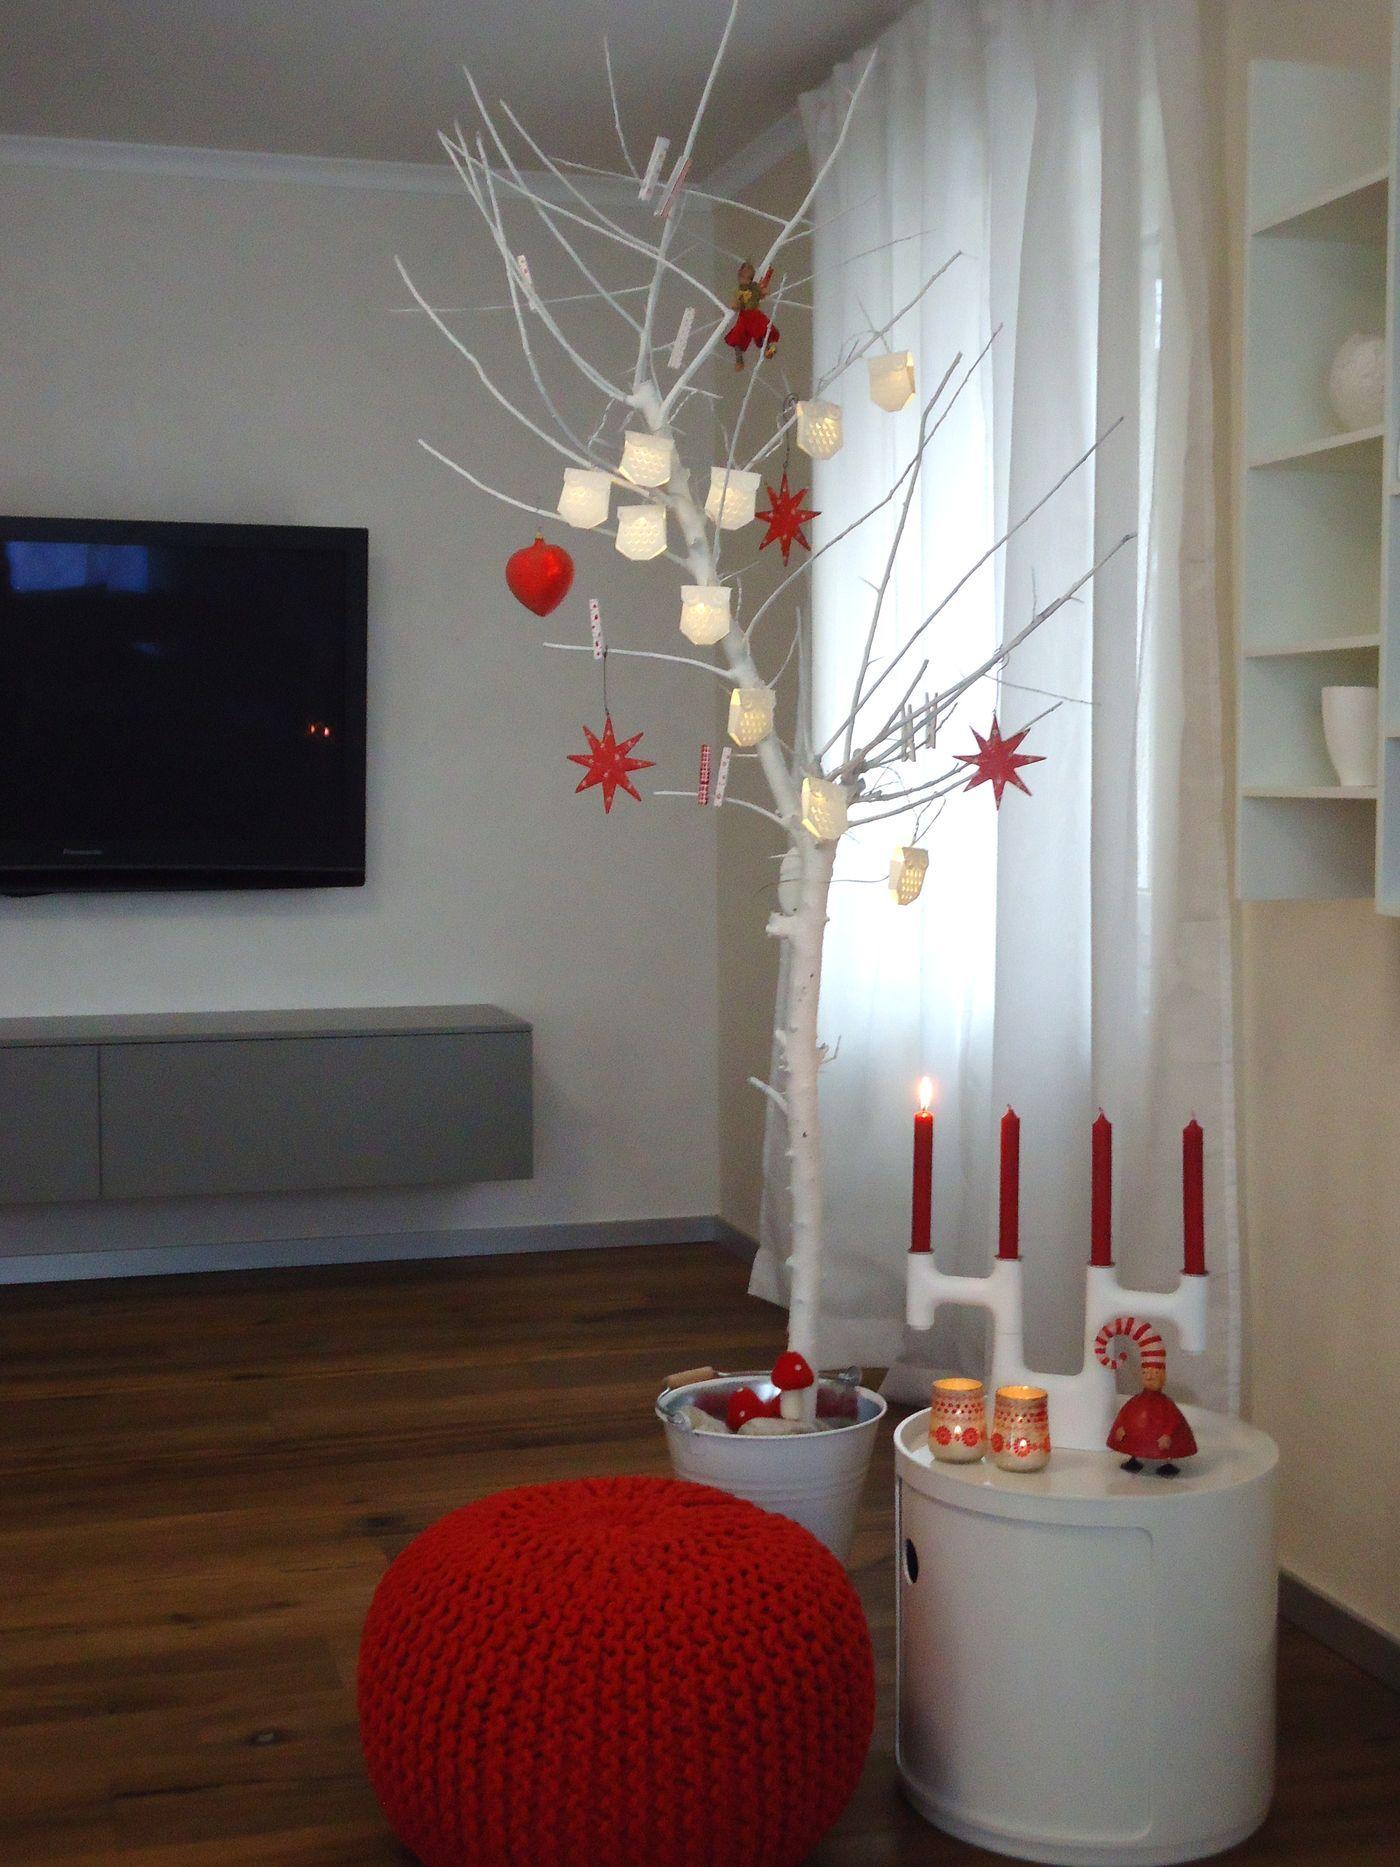 Schön Wohnideen 2012 Galerie - Images for inspirierende Ideen für ...